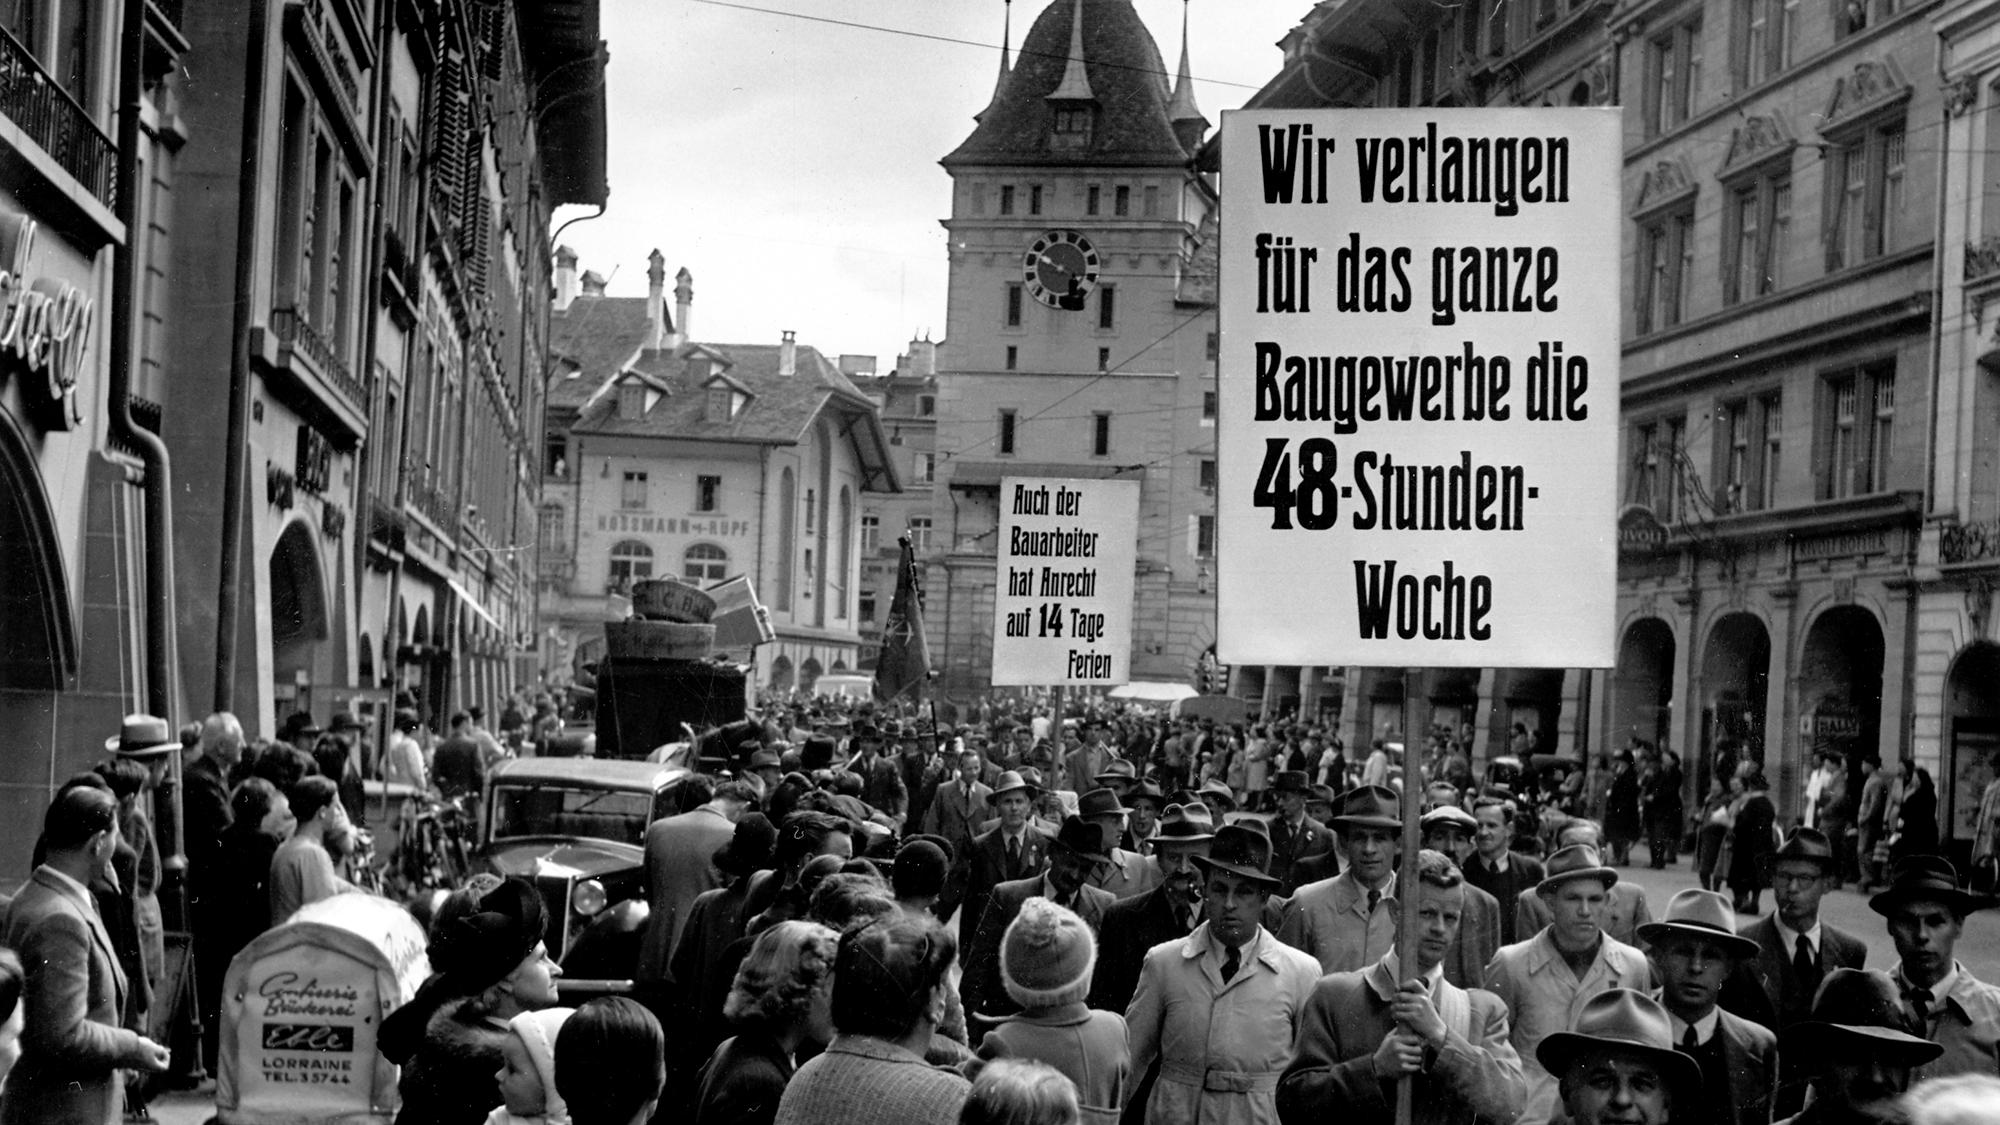 Mitarbeiter des Baugewerbes demonstrieren in Bern auf einem Transparent fuer die 48-Stunden-Woche, aufgenommen am 1. Mai 1943